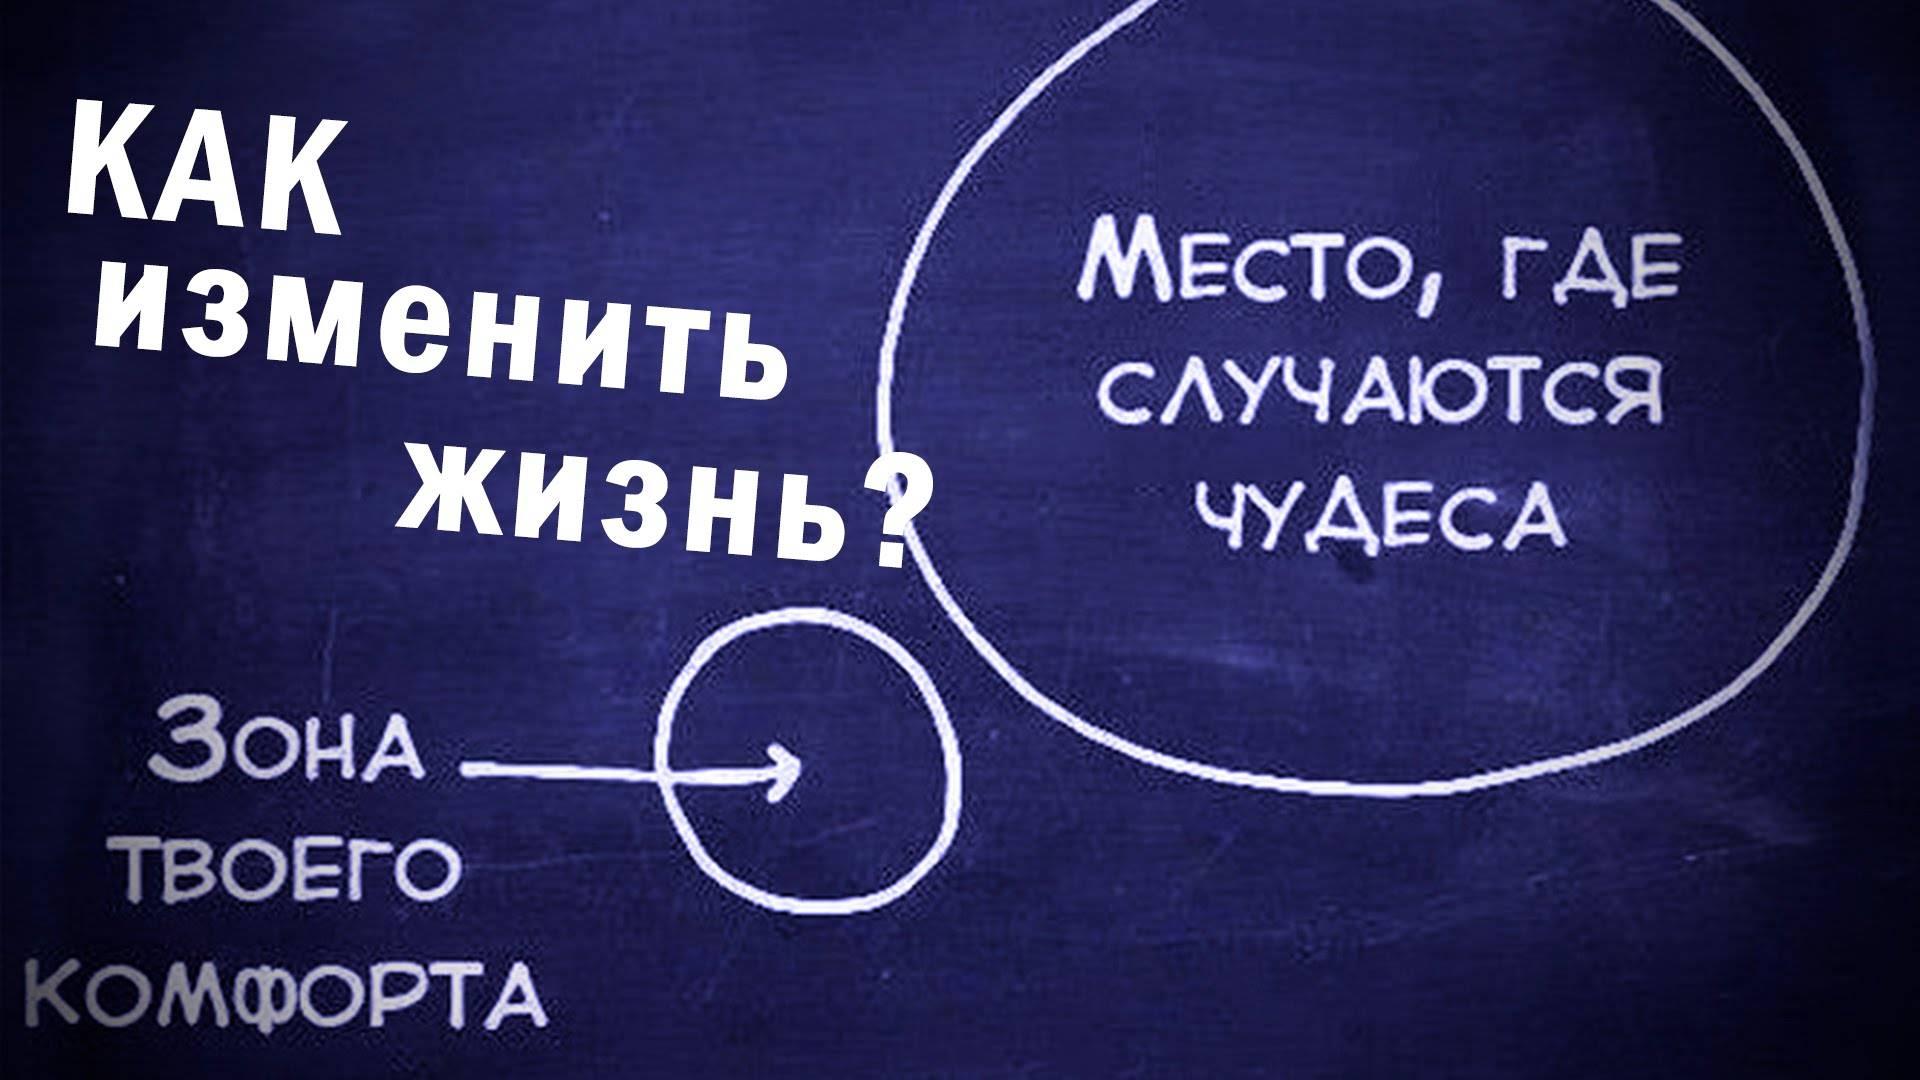 Сочинение: почему человеку нужно развиваться?